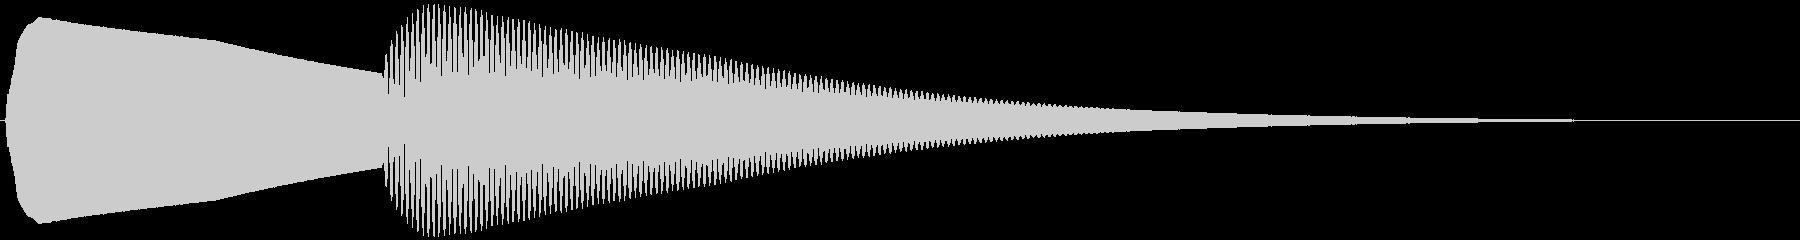 玄関チャイム ピンポーン(柔らかめ)の未再生の波形